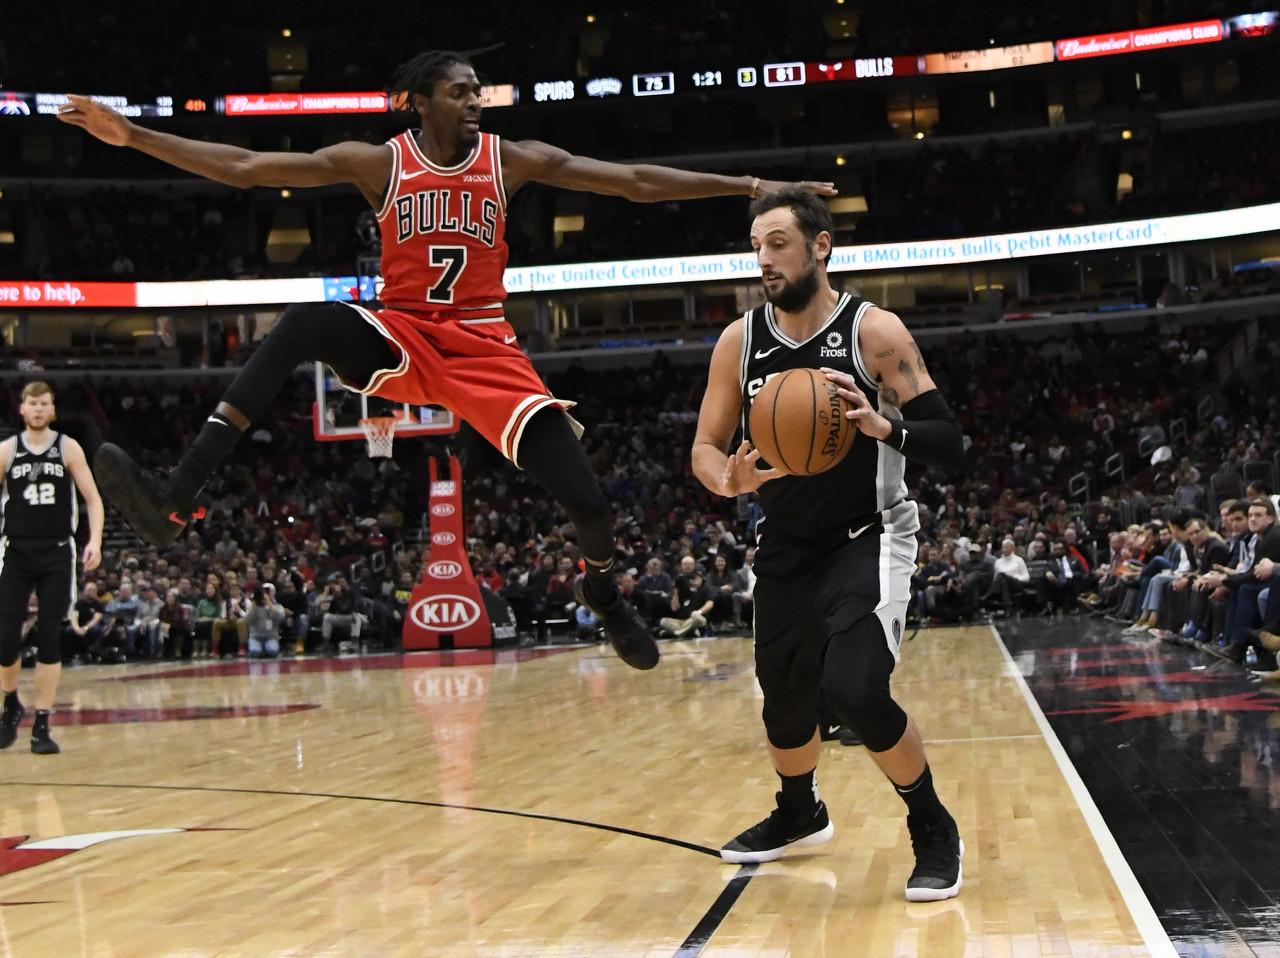 贝里内利:心中还有对篮球的热情 想留在NBA 